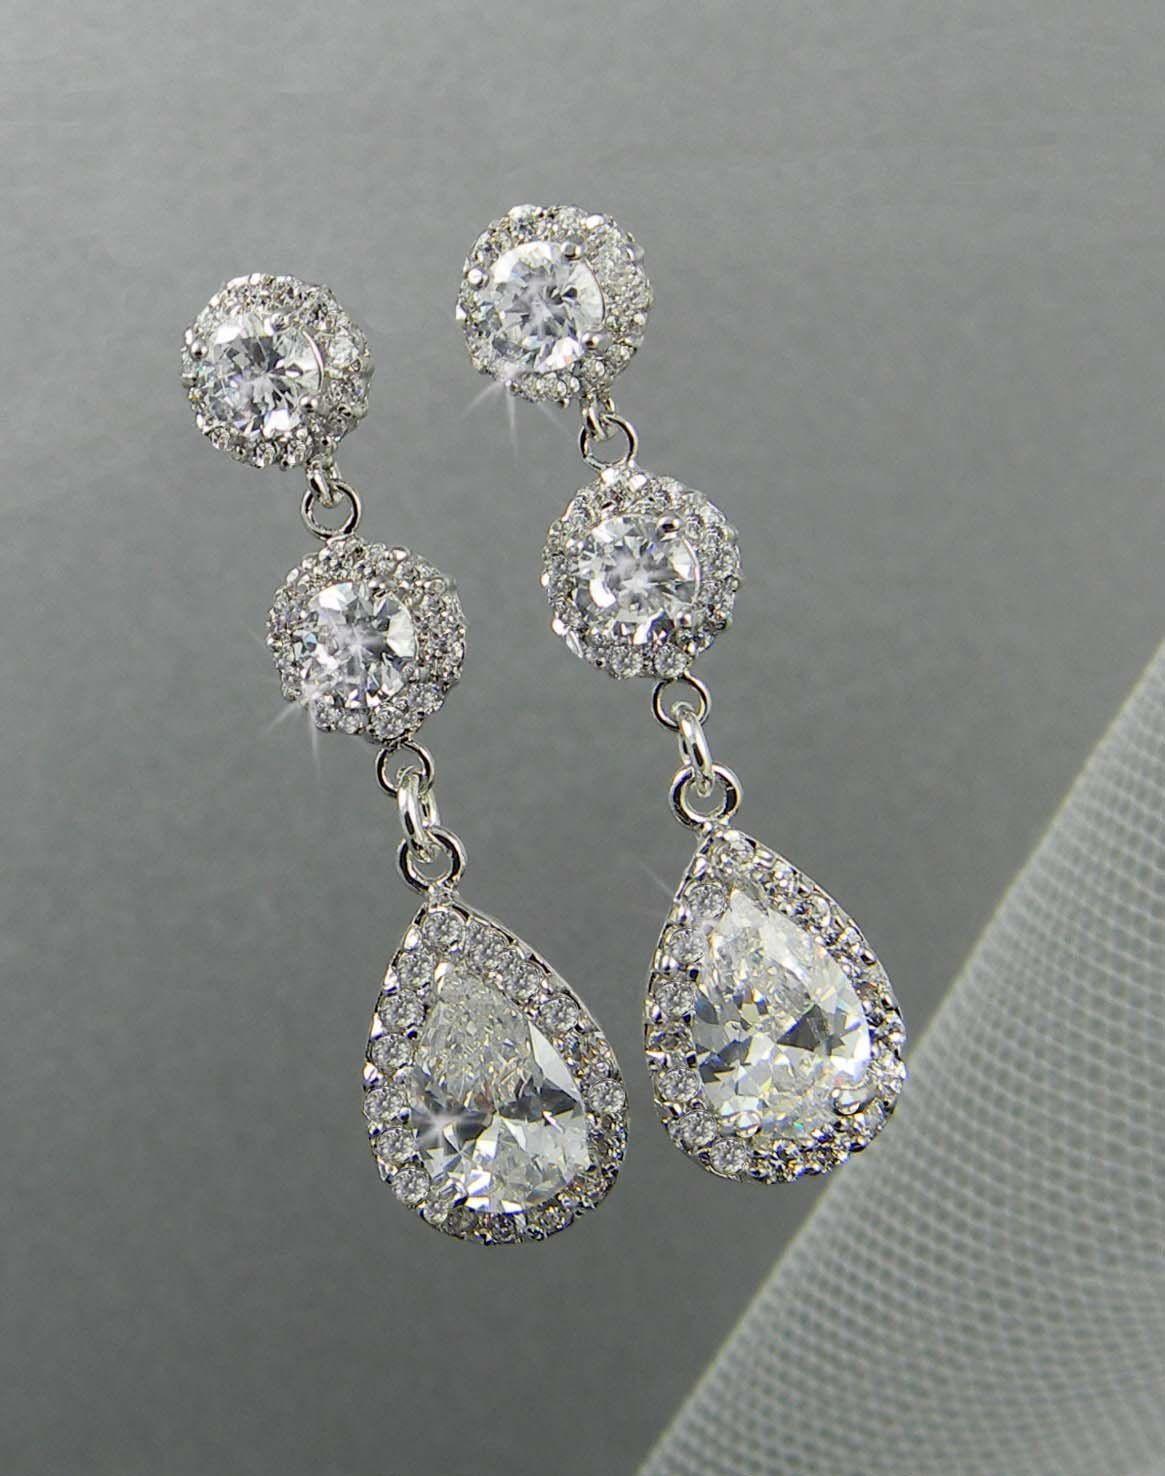 Crystal Bridal Earrings, Wedding earrings, Long Bridal ...